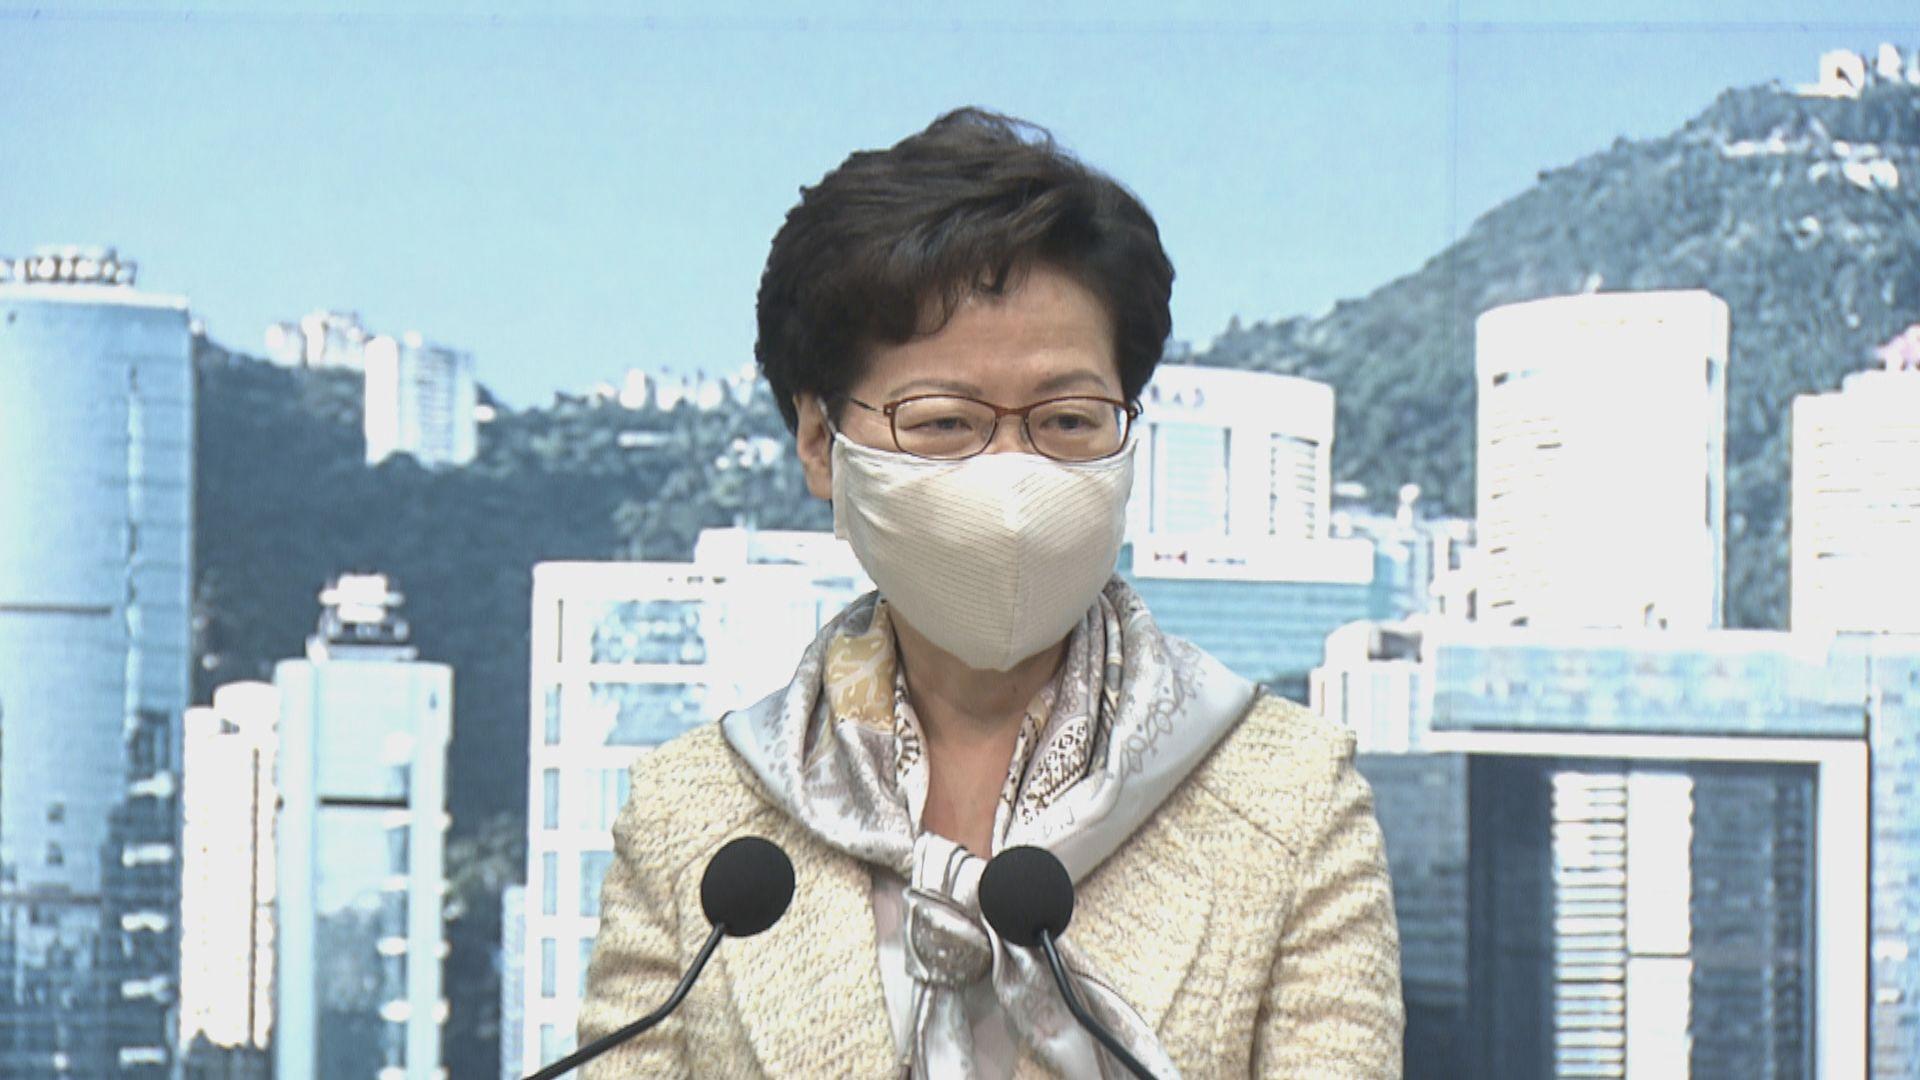 【最新】林鄭月娥:不會被任何制裁行動嚇怕 若中央提反制措施會全面配合